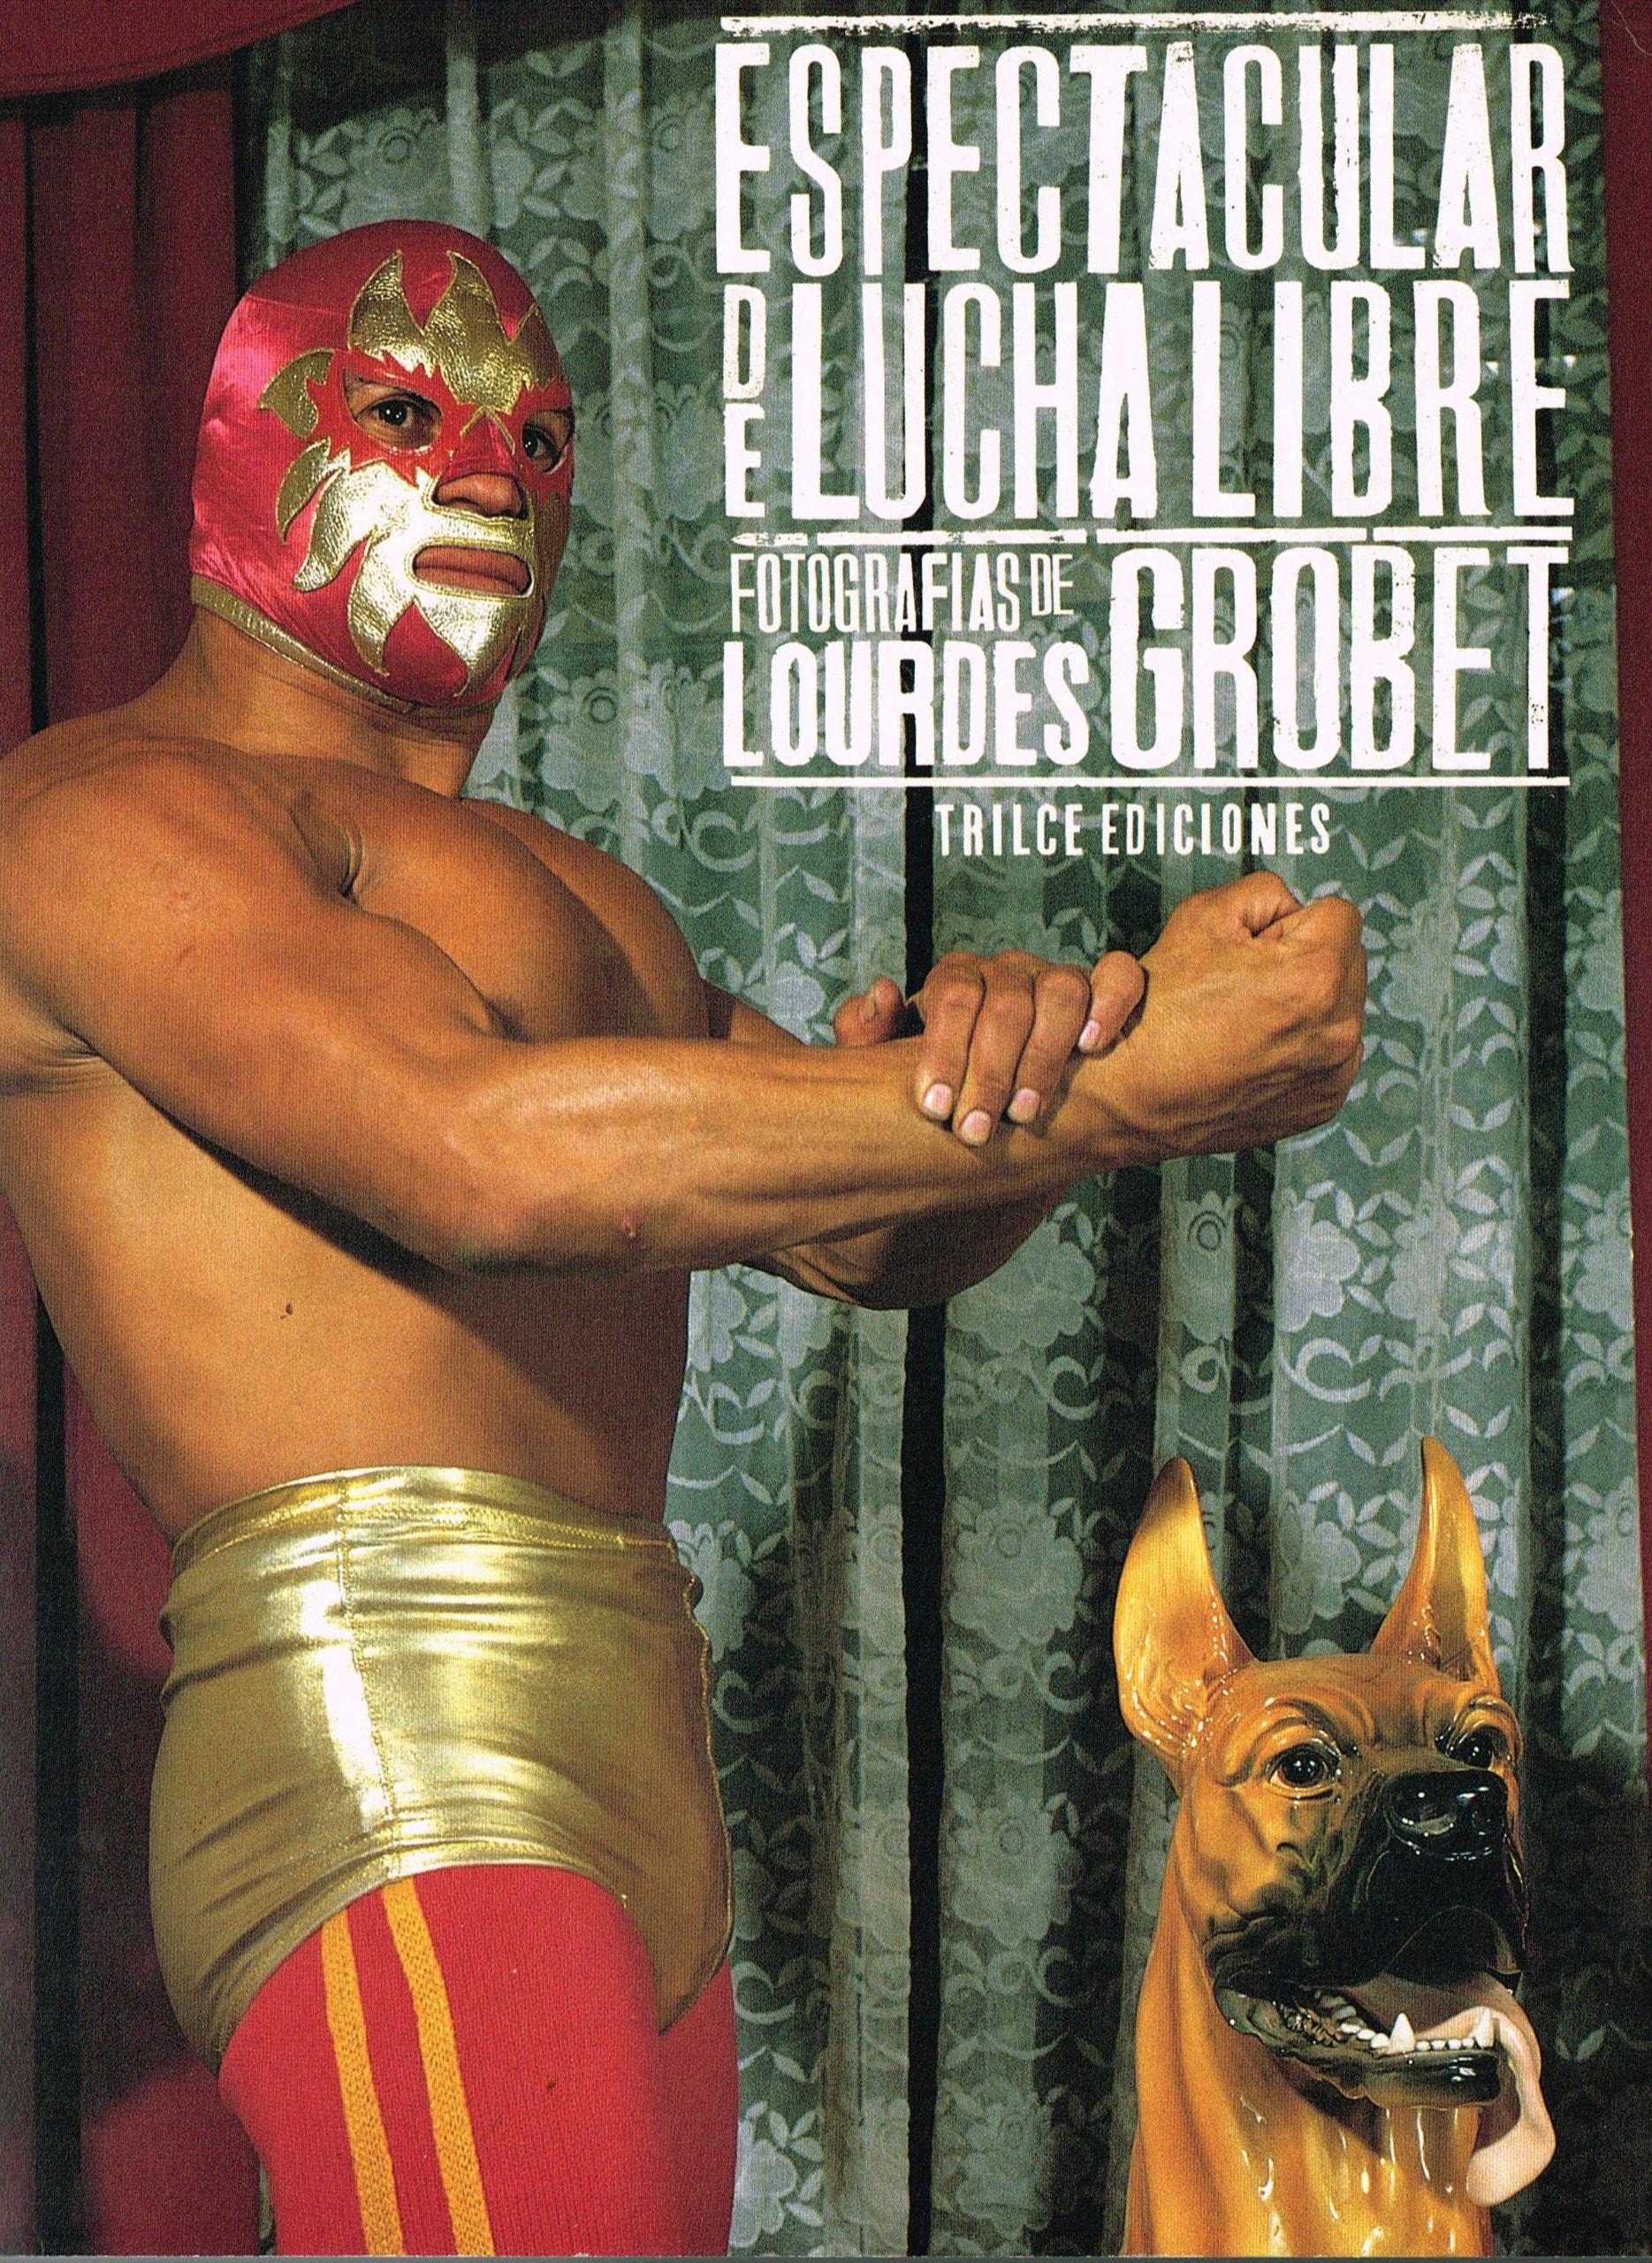 """Portada de """"Espectacular de lucha libre"""", por Lourdes Grobet"""